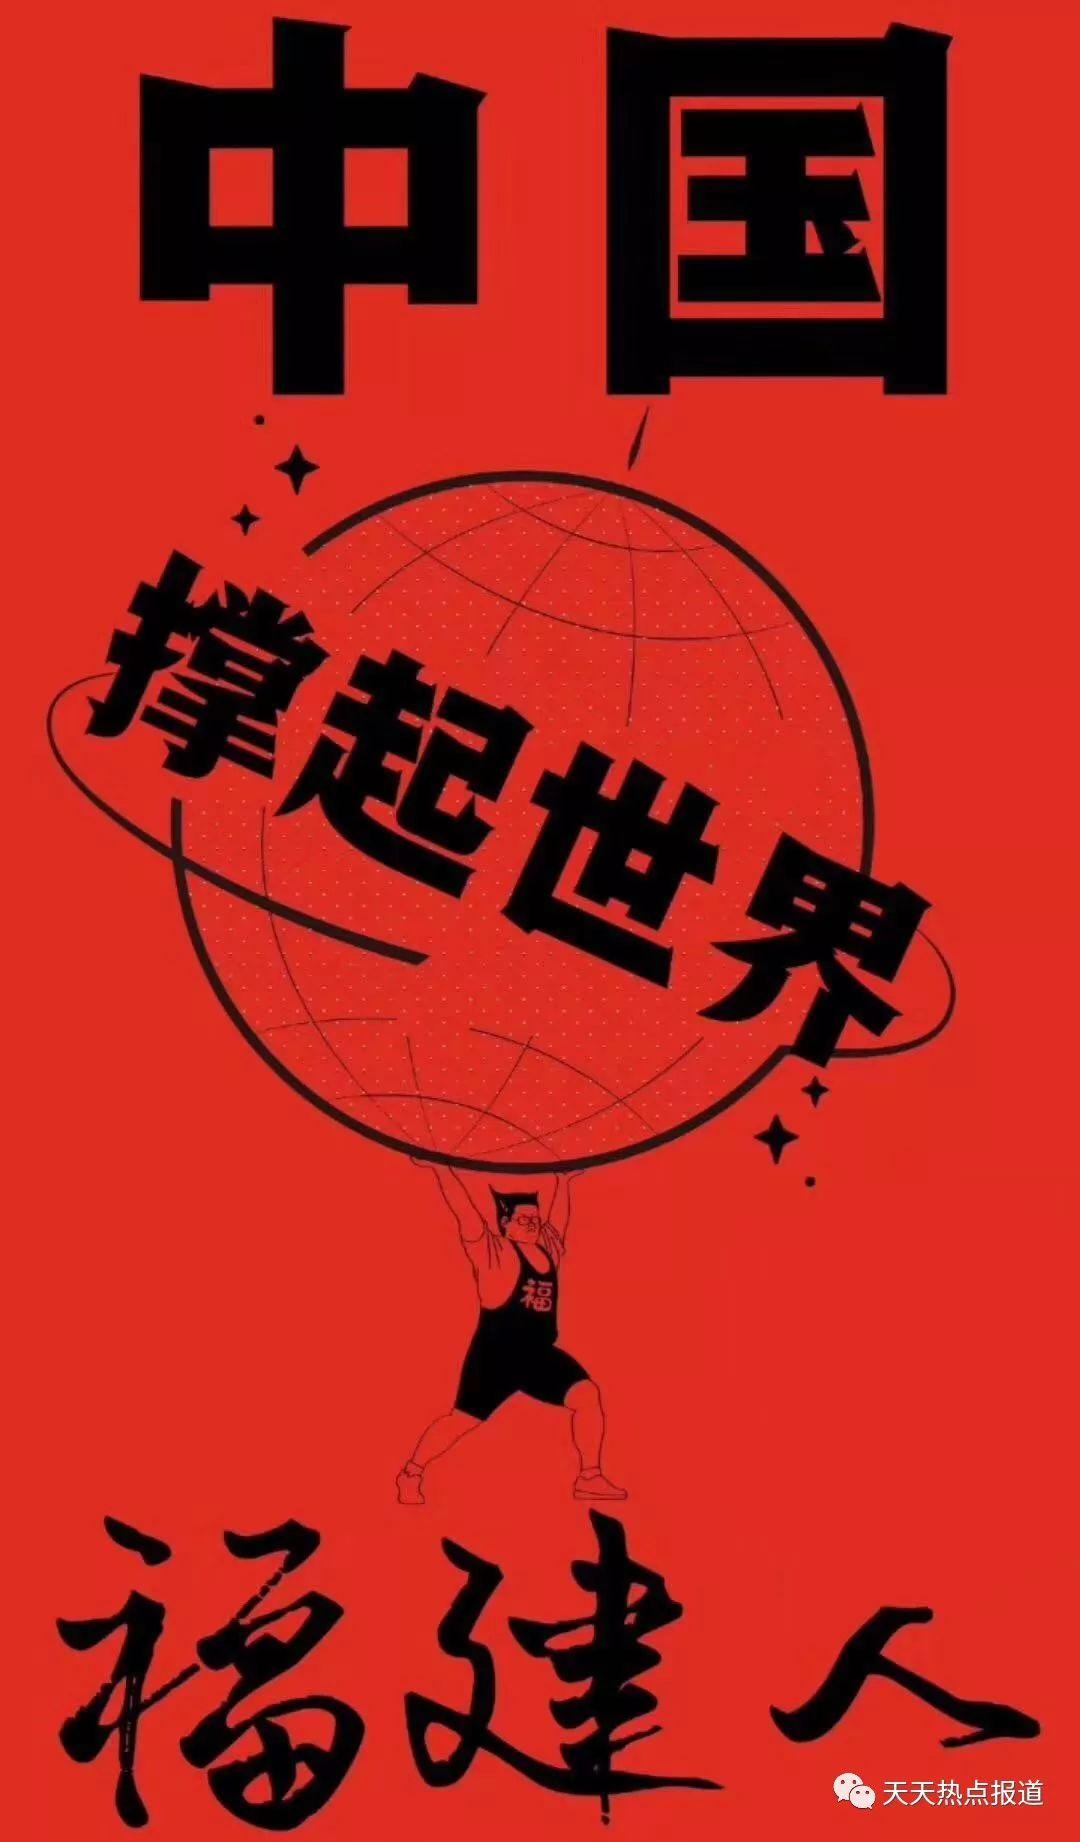 全程直击非法示威者与香港北角居民爆发冲突视频照片械斗场景极度混乱